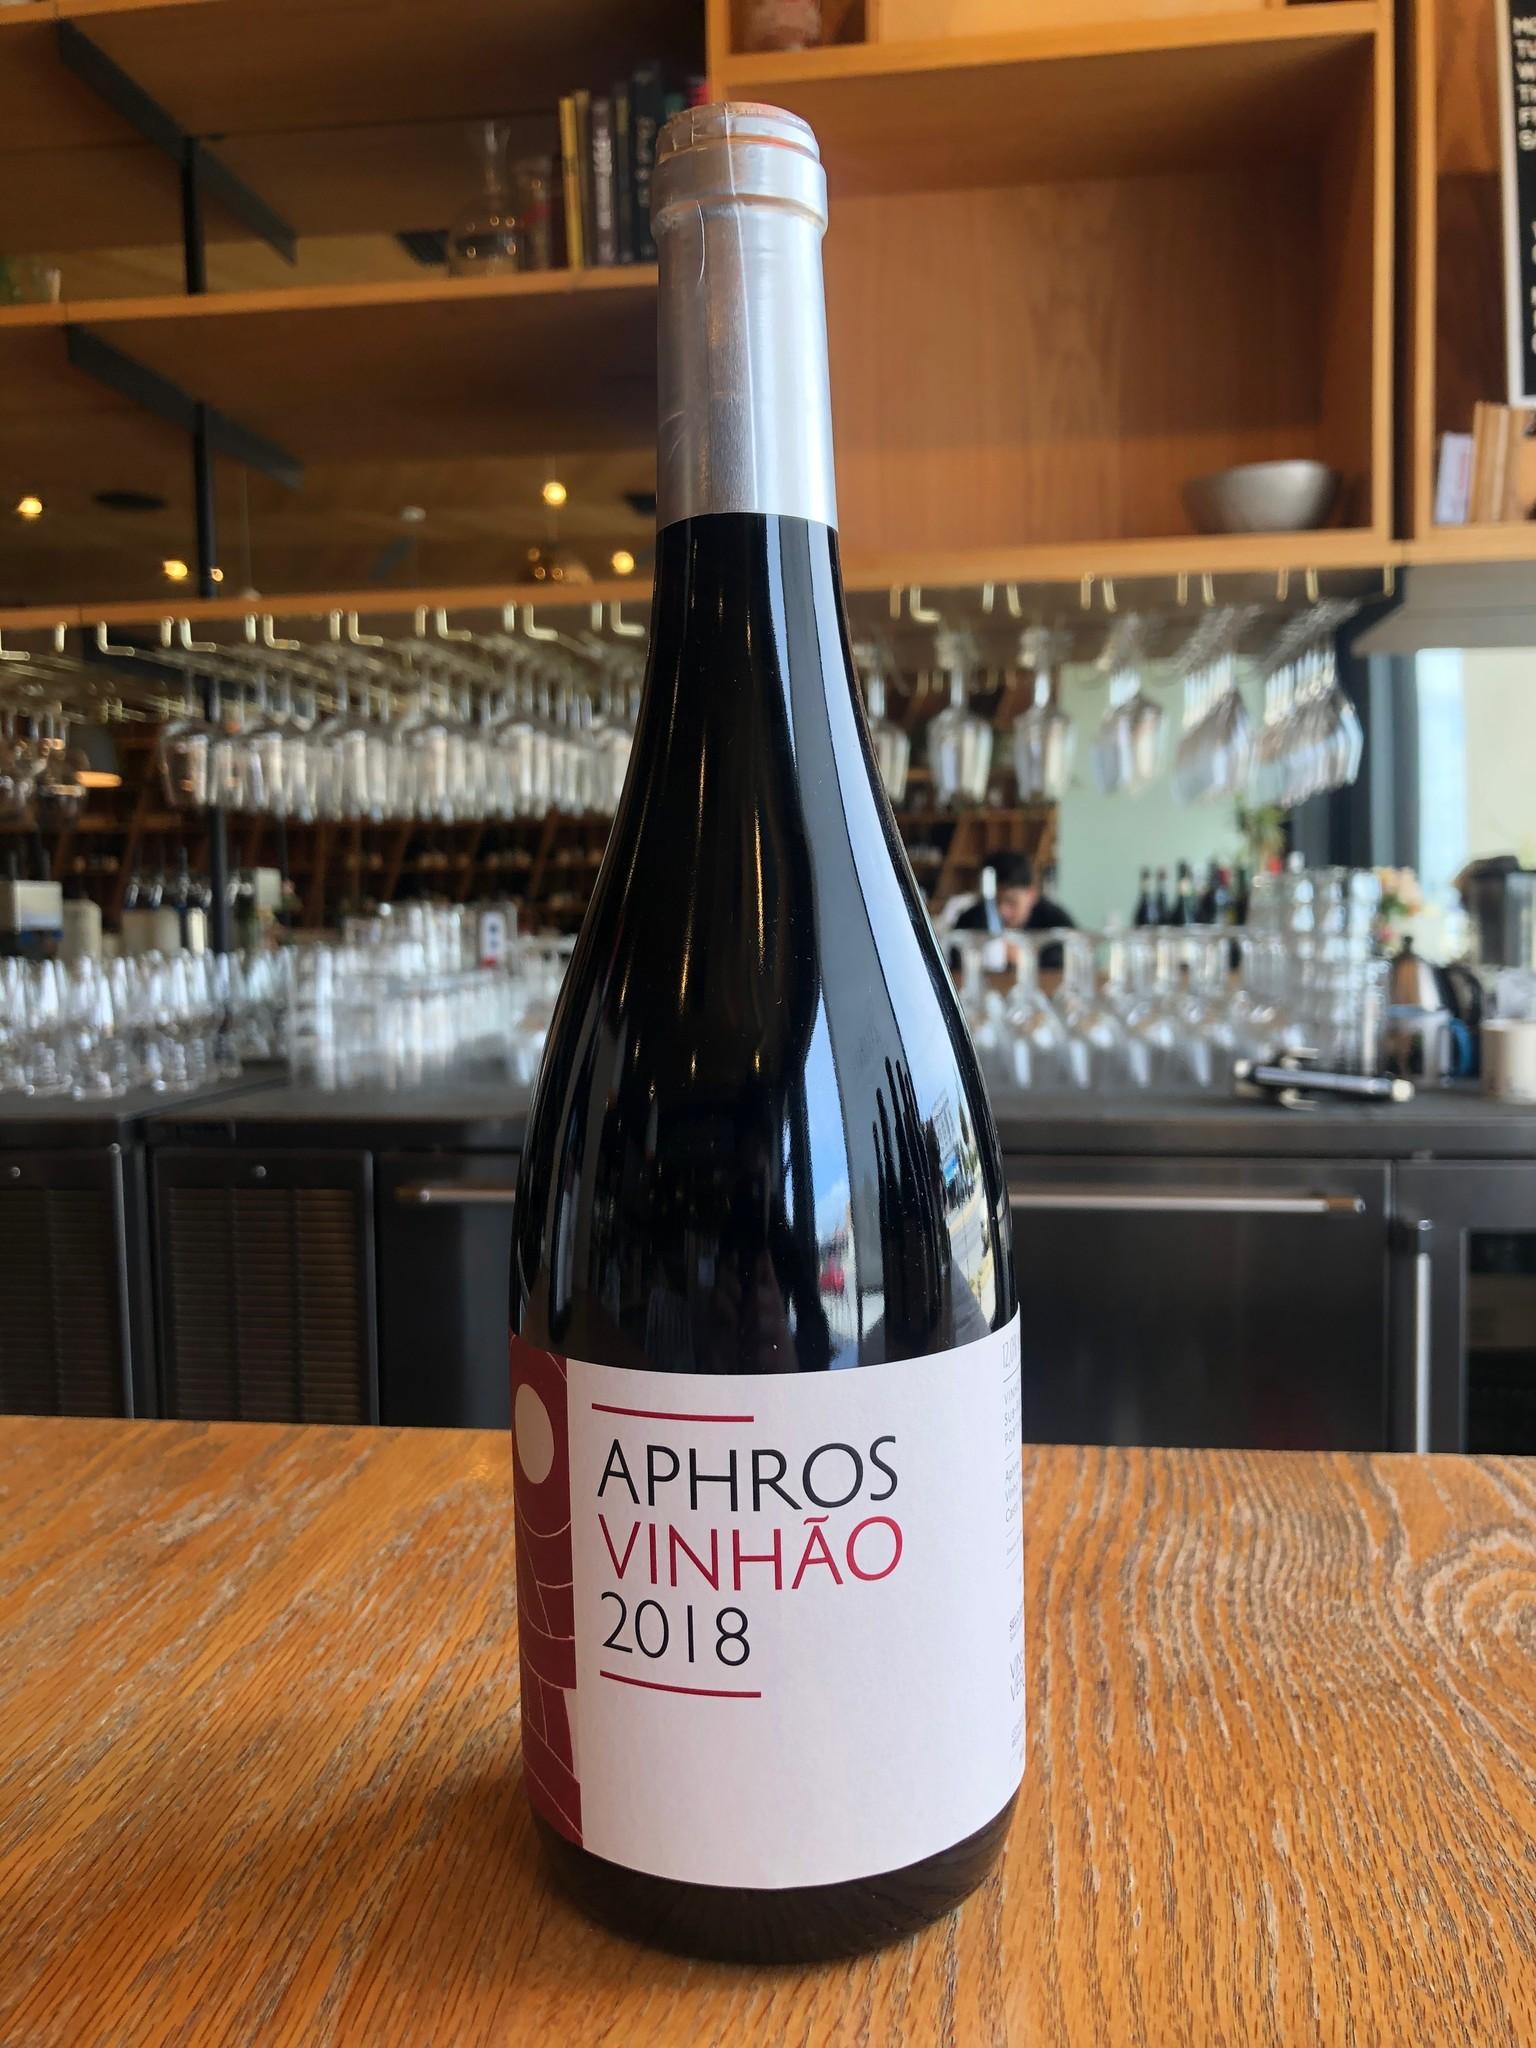 Aphros 2018 Aphros Vinhão 750mL